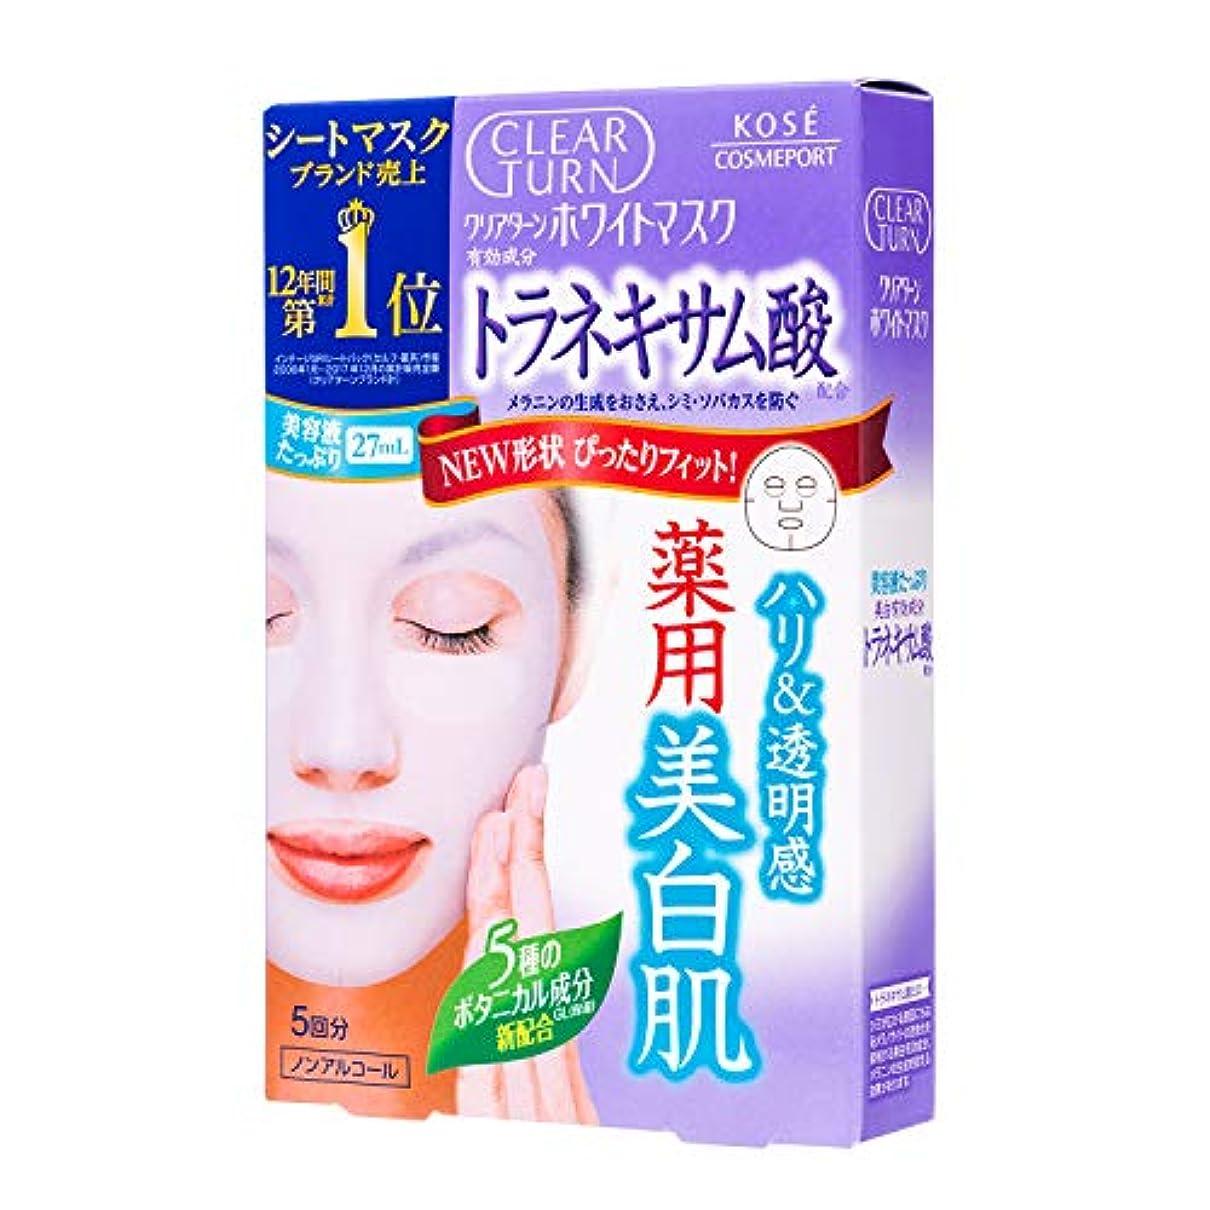 肖像画賭けずっとKOSE クリアターン ホワイト マスク トラネキサム酸 5回分 22mL×5 【医薬部外品】